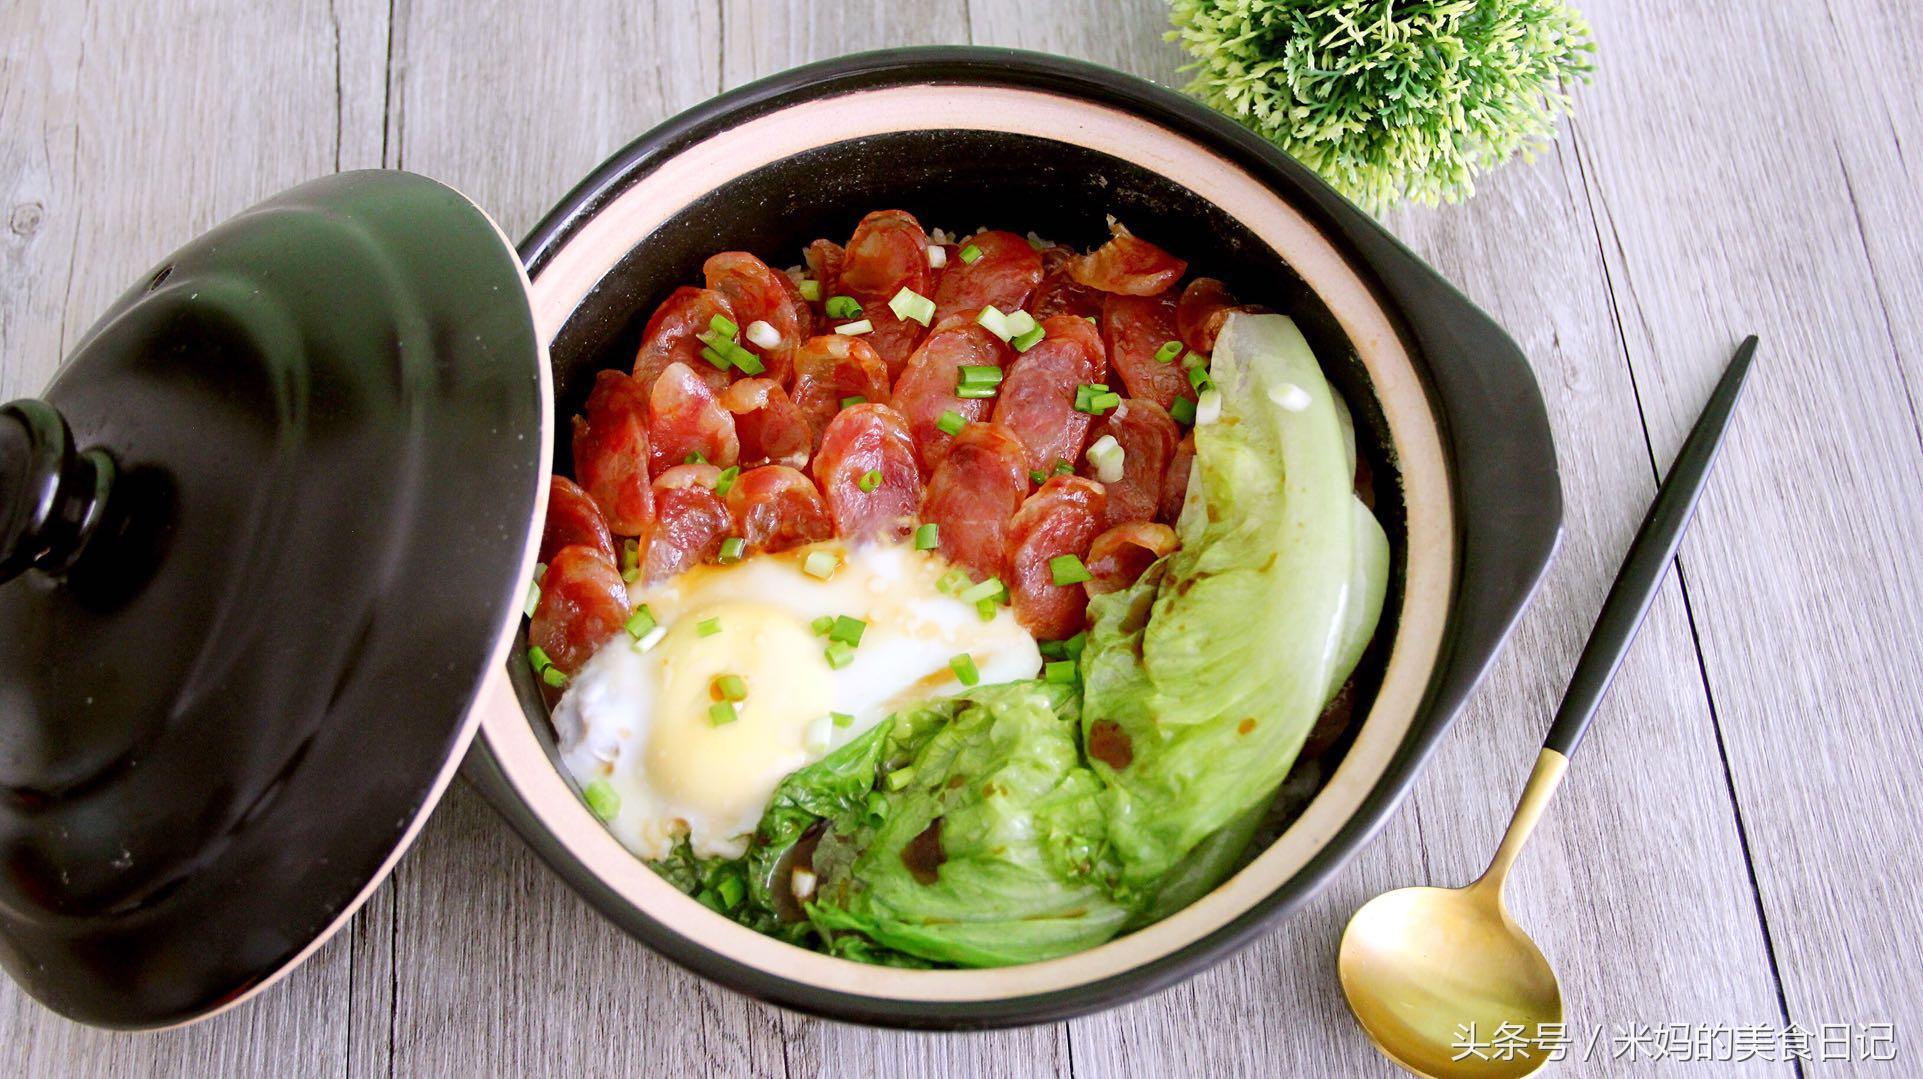 腊肉煲仔饭做法步骤图 有菜有蛋有腊肉十几分钟就上桌